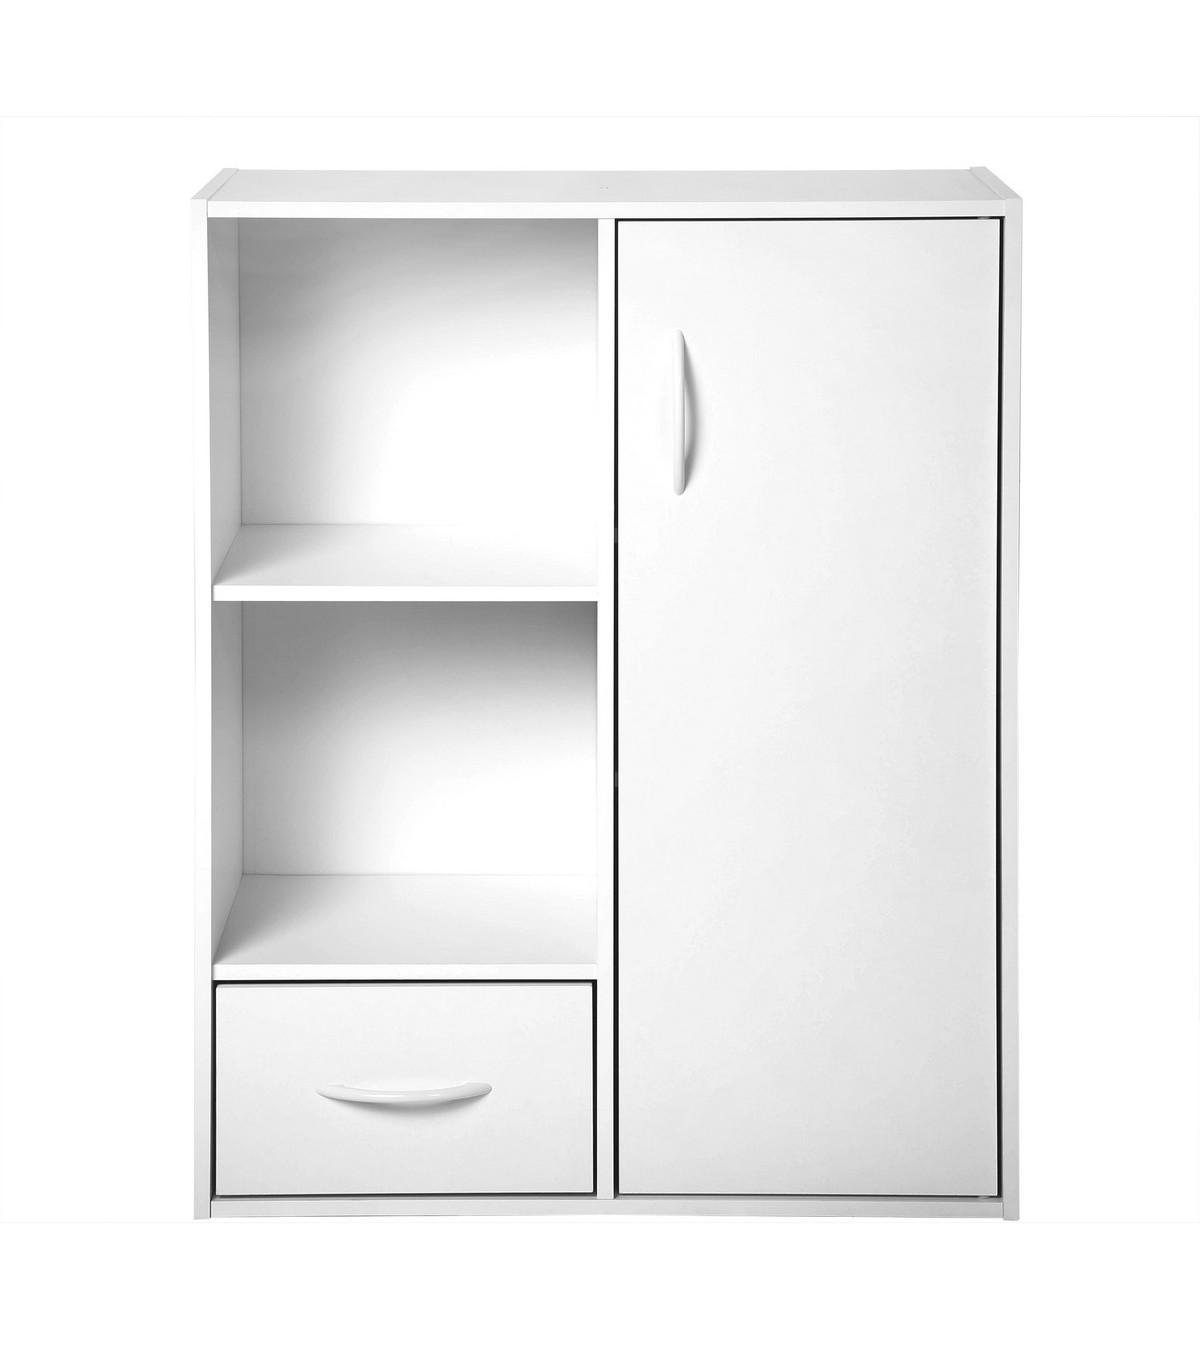 Etagère de rangement 2 casiers avec 1 tiroir et 1 placard - Blanc